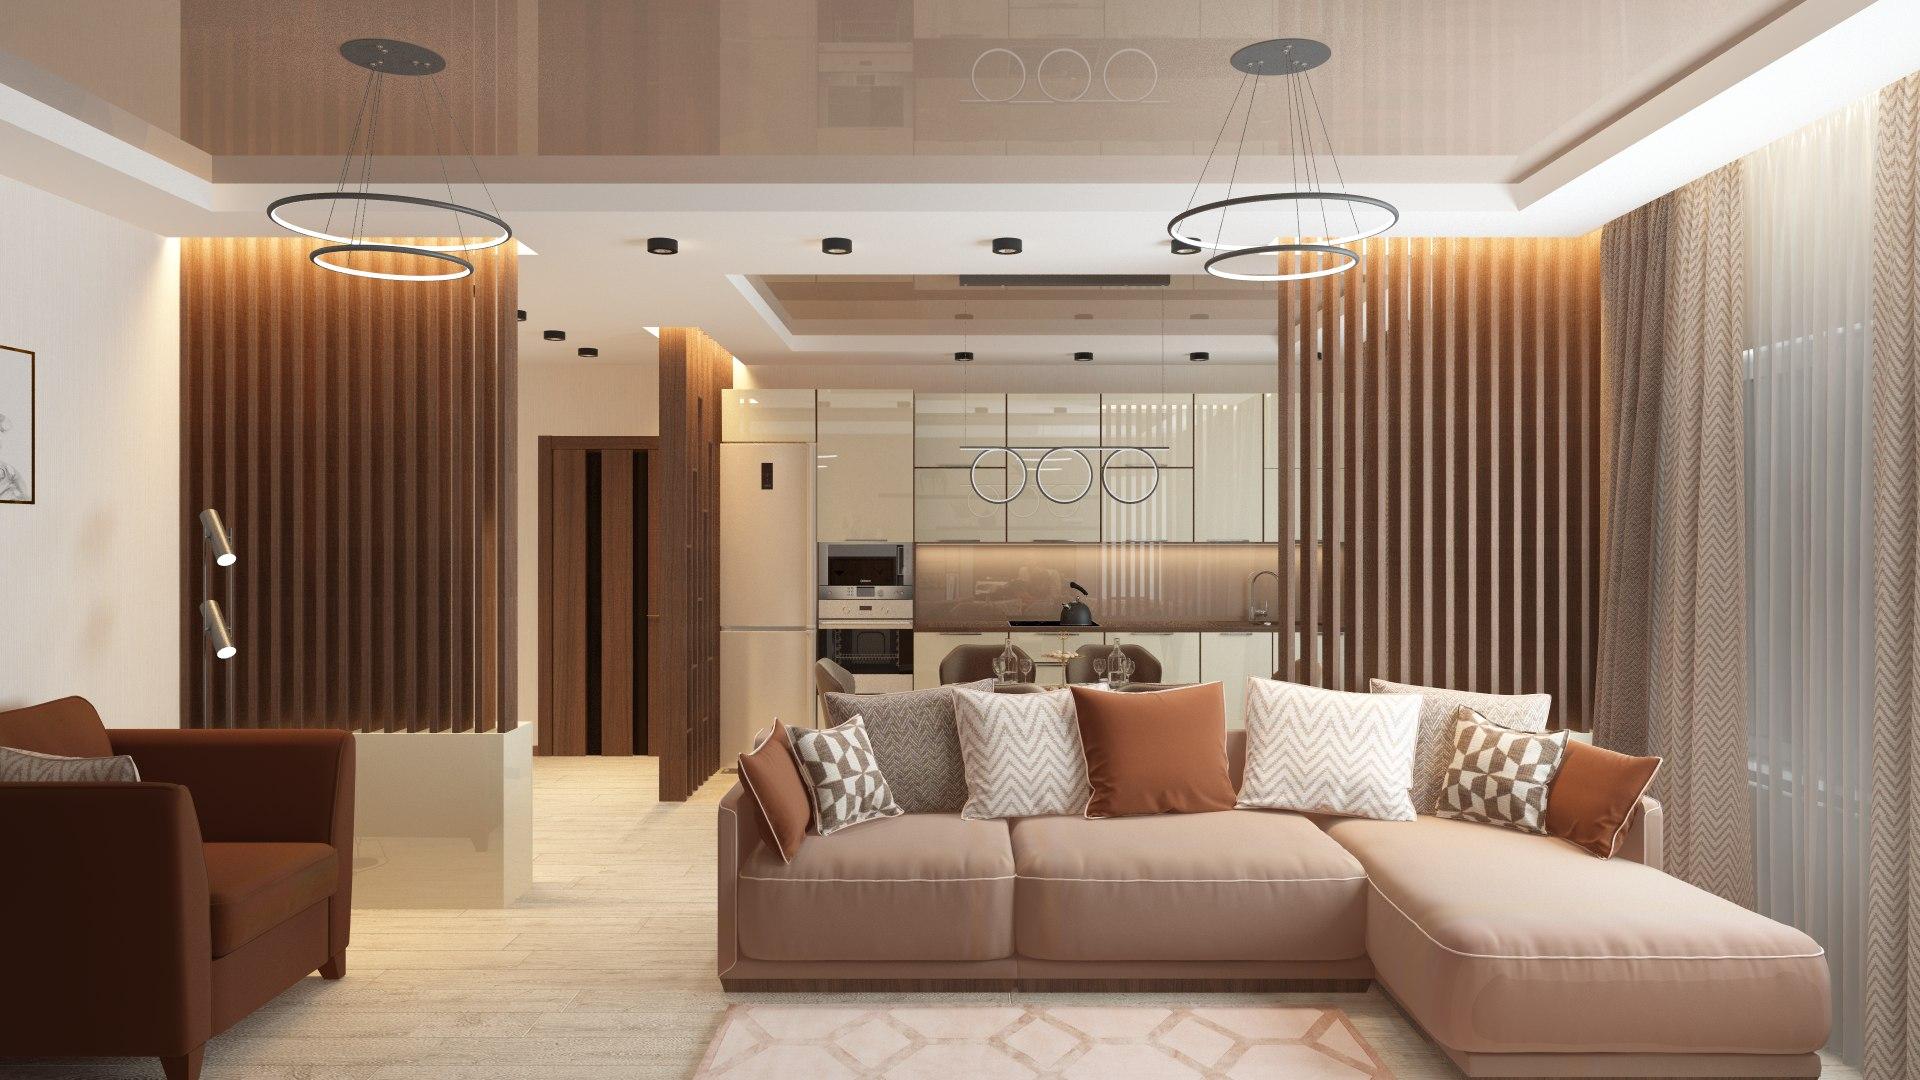 Отделка квартир под ключ в Чеховом, цены на внутреннюю